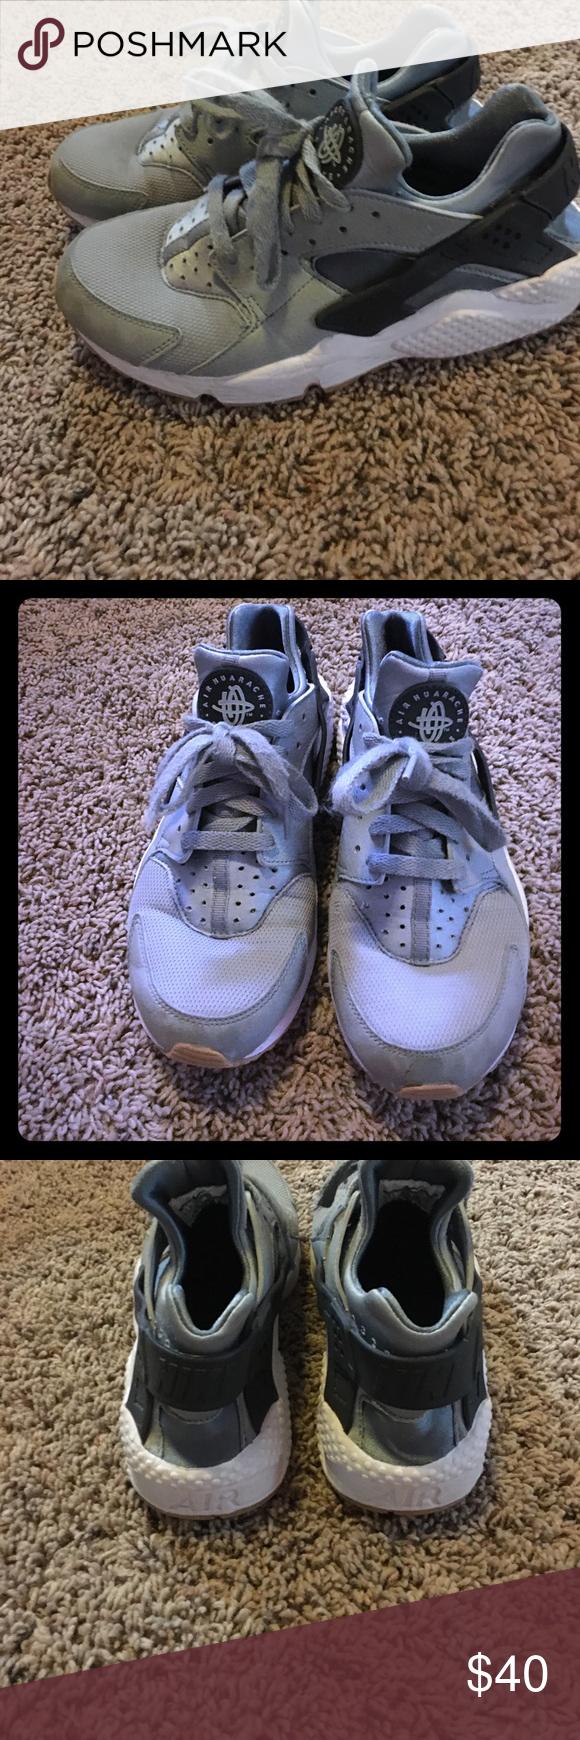 Spotted while shopping on Poshmark: Boys Nike huaraches size 7.5! #poshmark  #fashion